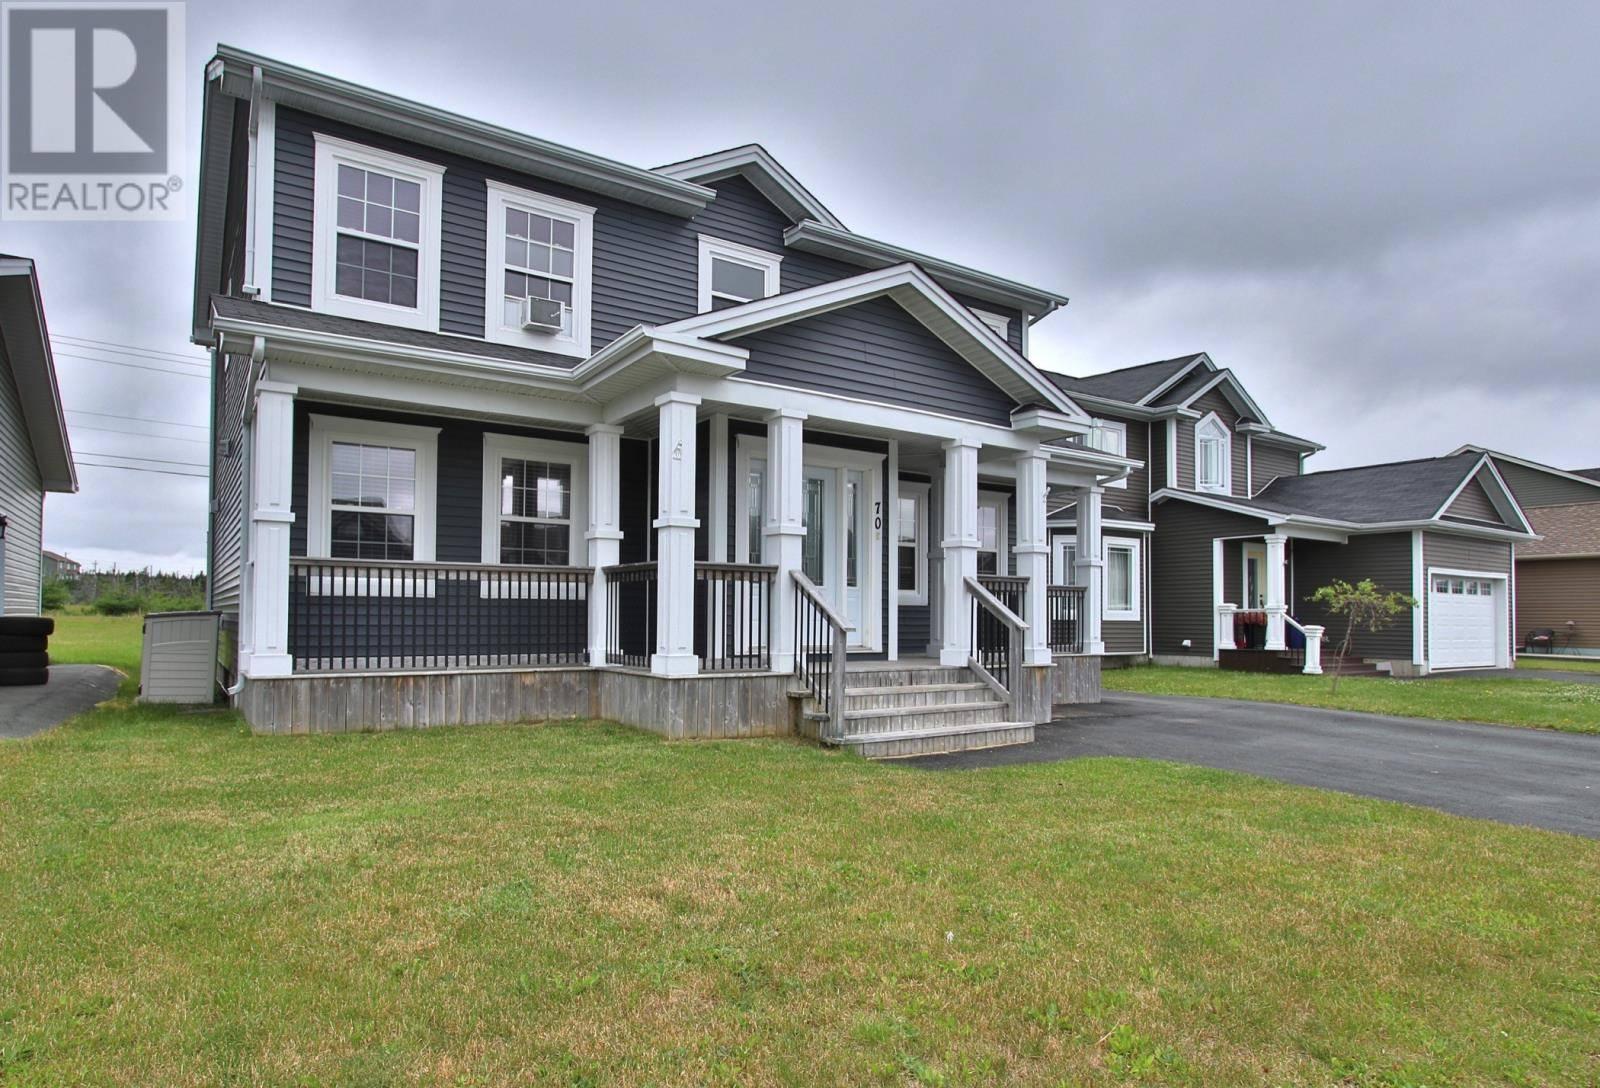 House for sale at 70 Teakwood Dr St. John's Newfoundland - MLS: 1200337